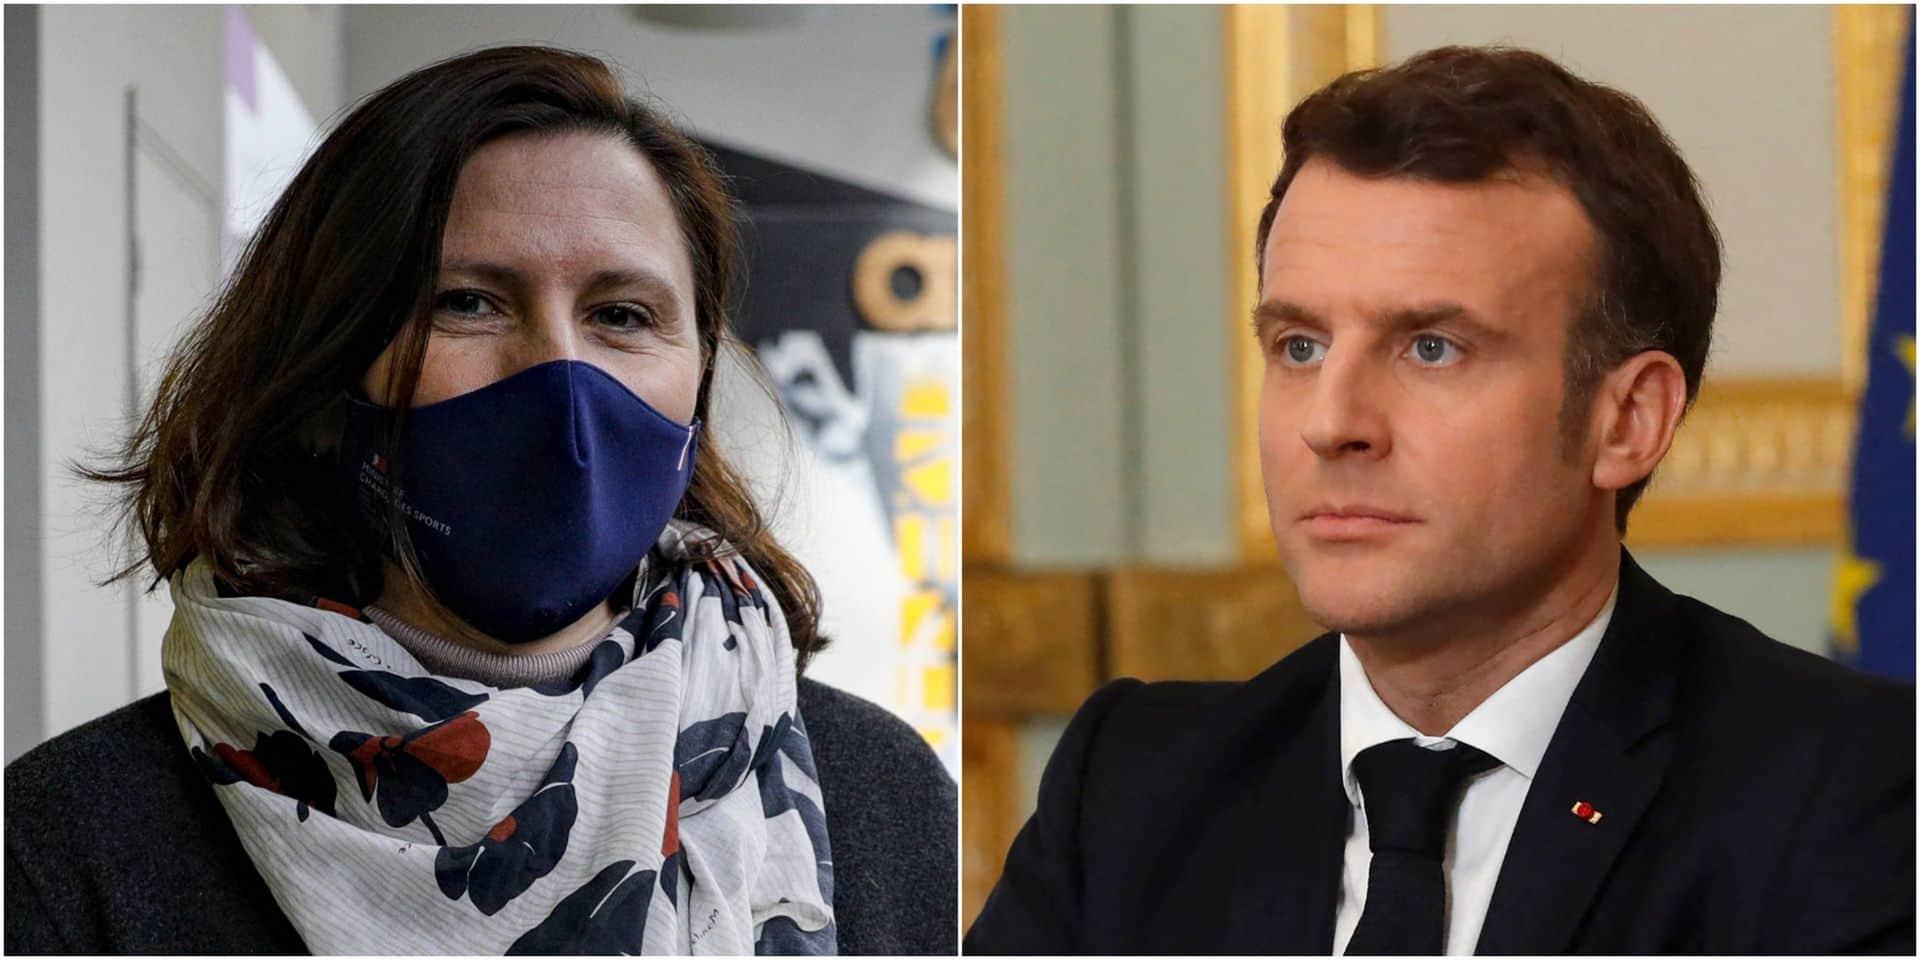 """""""Mets-toi au sport"""": une ministre française taquine Emmanuel Macron sur sa prise de poids"""